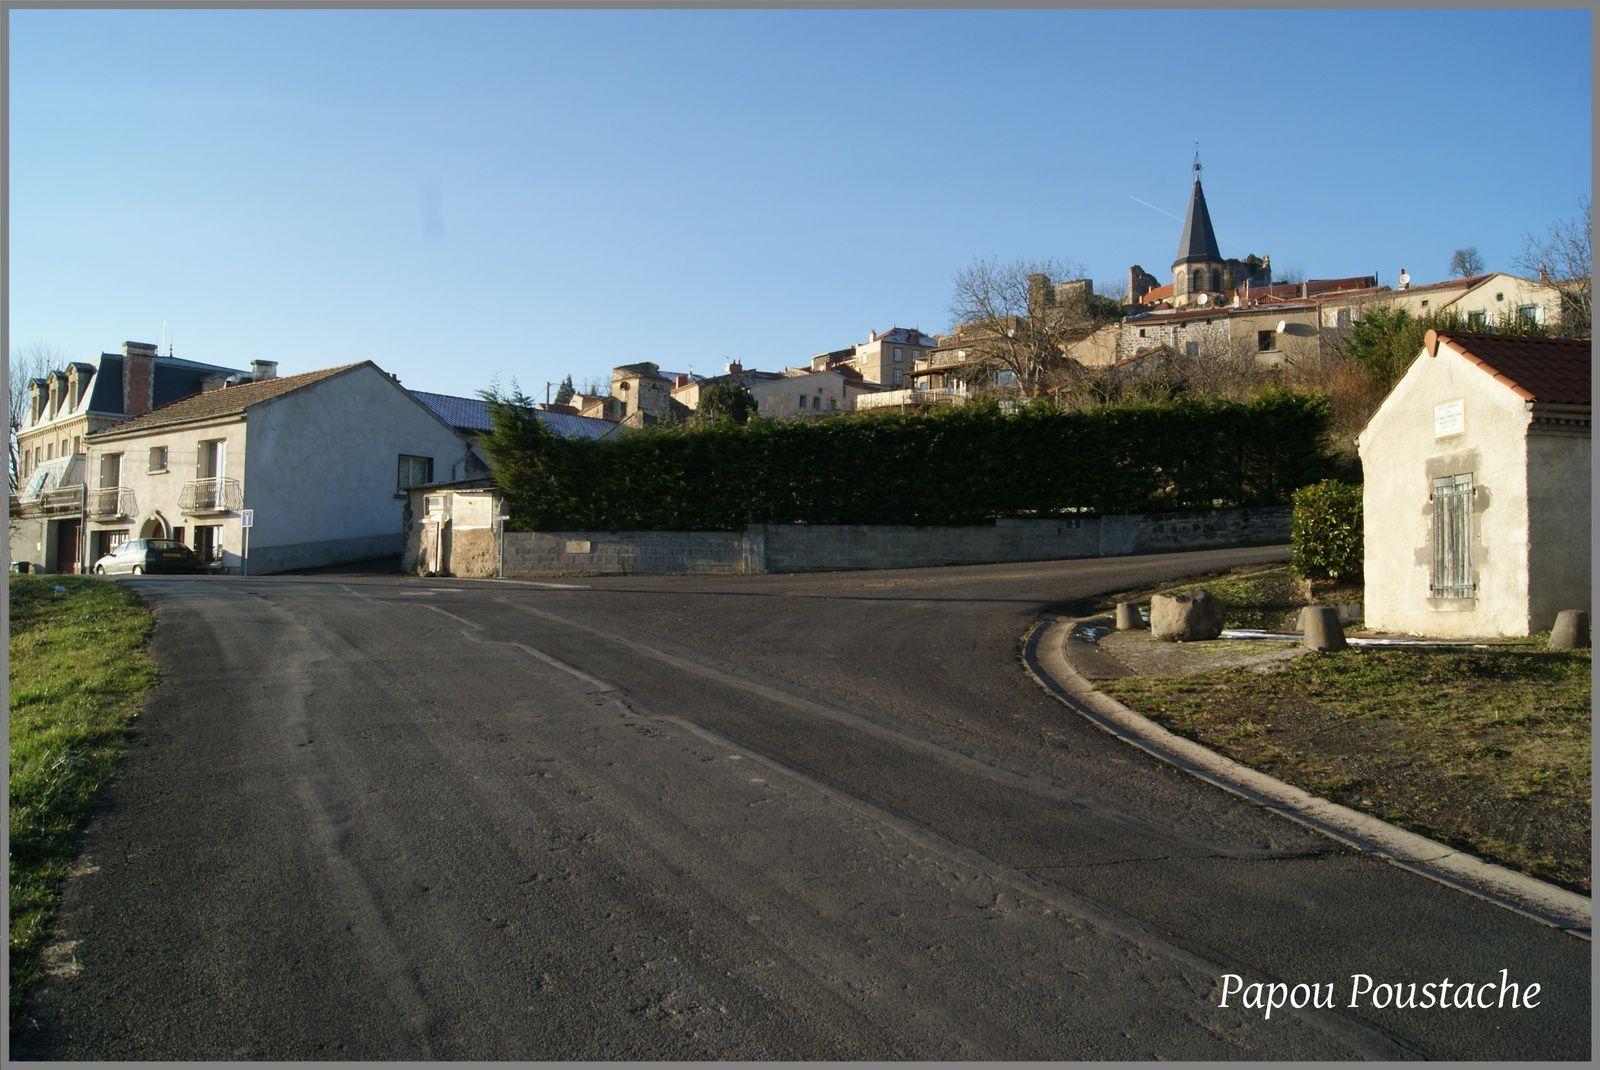 Les villages du Puy de Dome: Le Broc